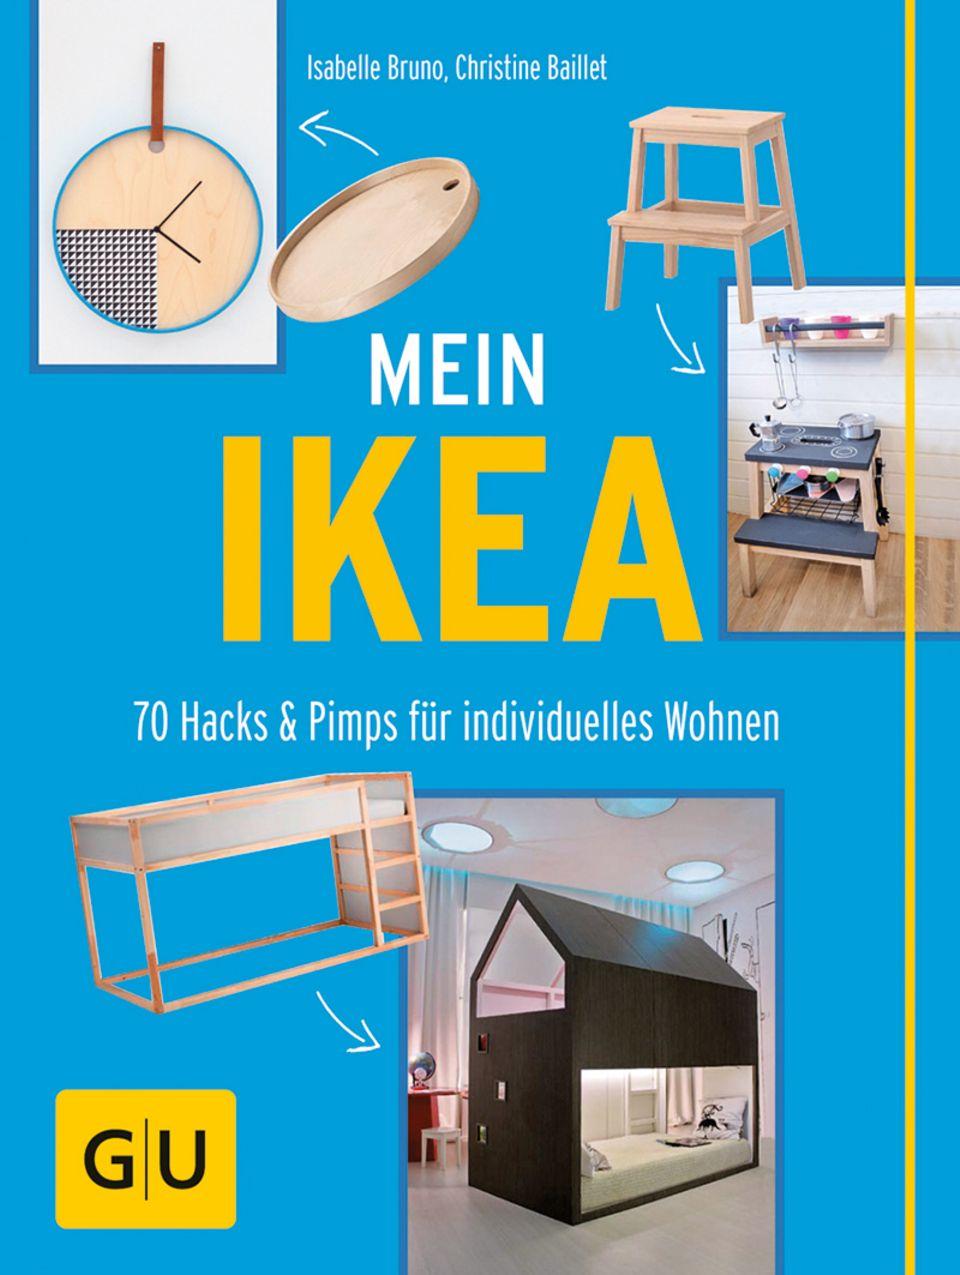 Mein IKEA - 70 Hacks & Pimps für individuelles Wohnen